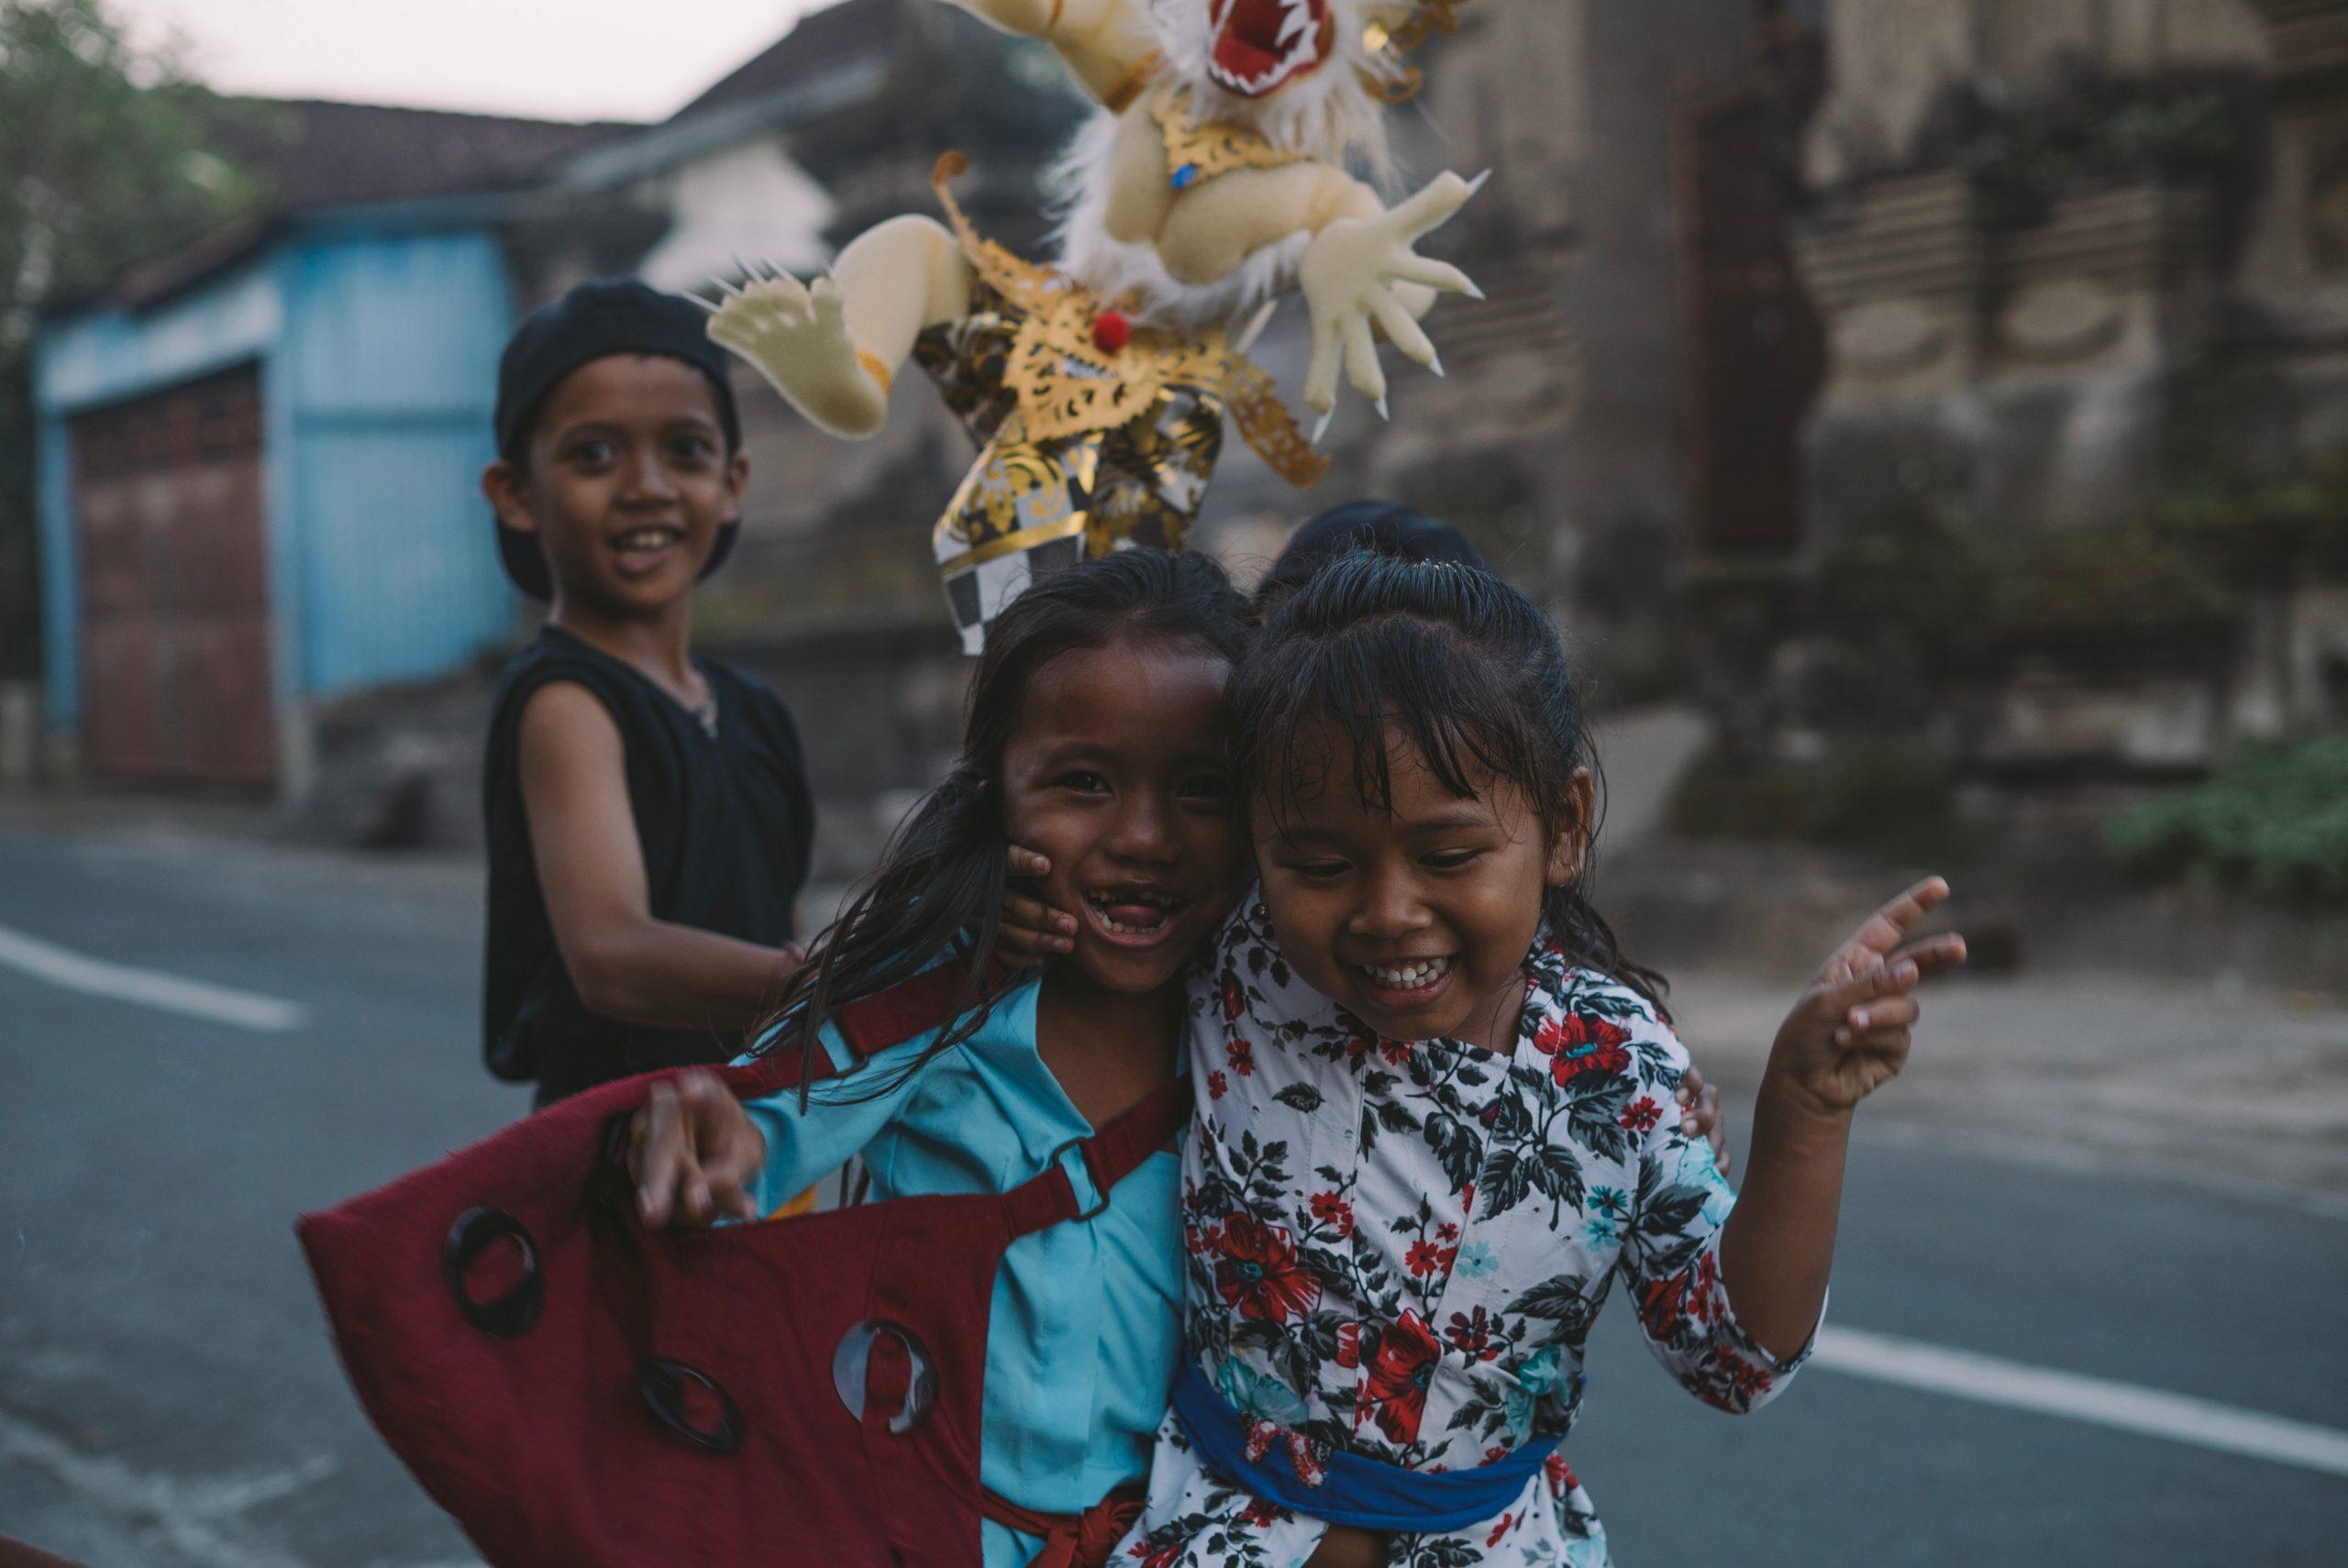 indonesia-iitokoro-waruitokoro